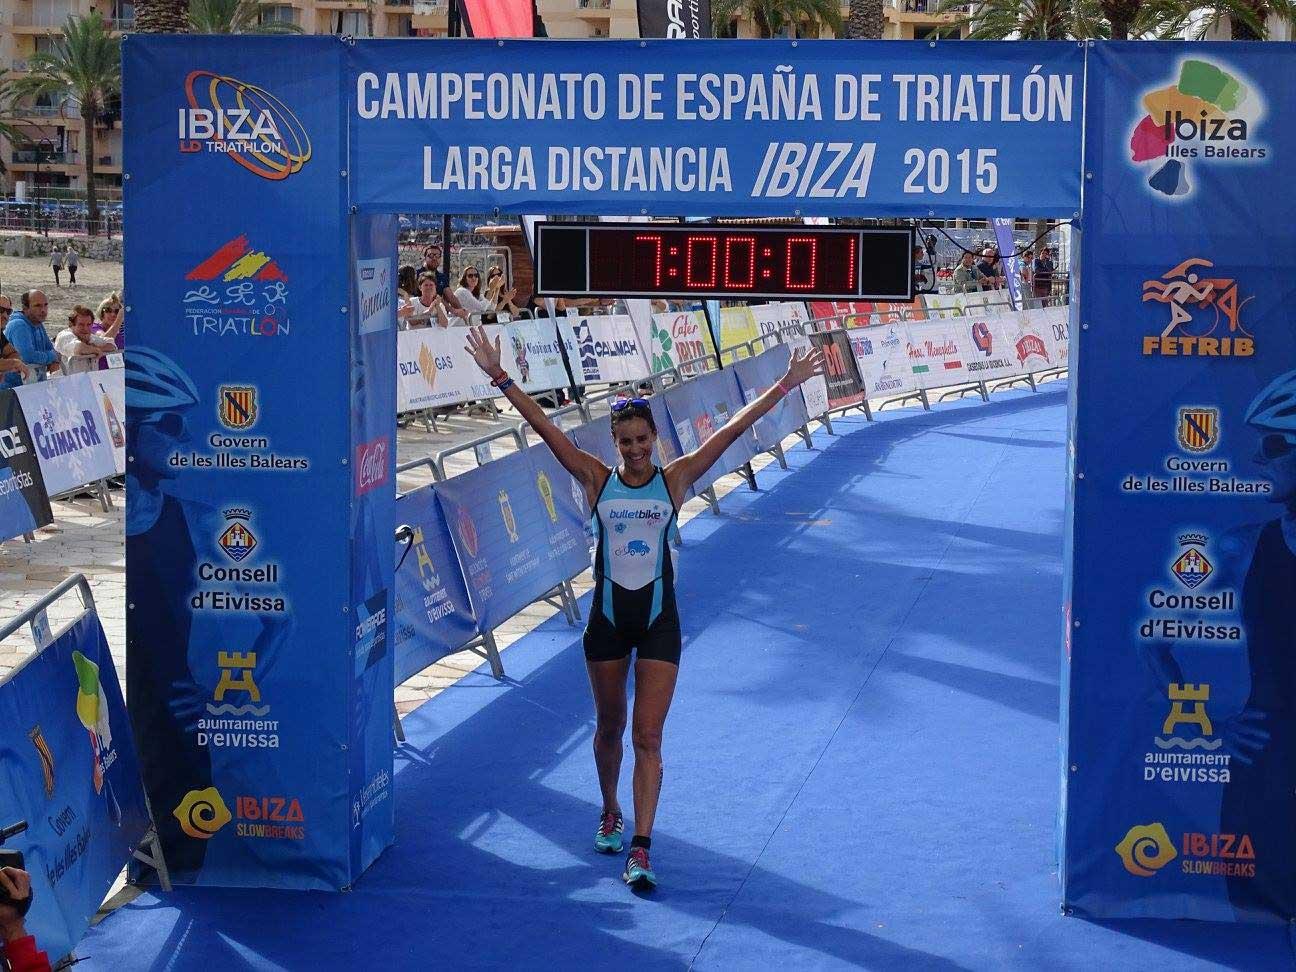 Ibiza Triatlón Volverá A Ser Campeonato De España De LD En 2017